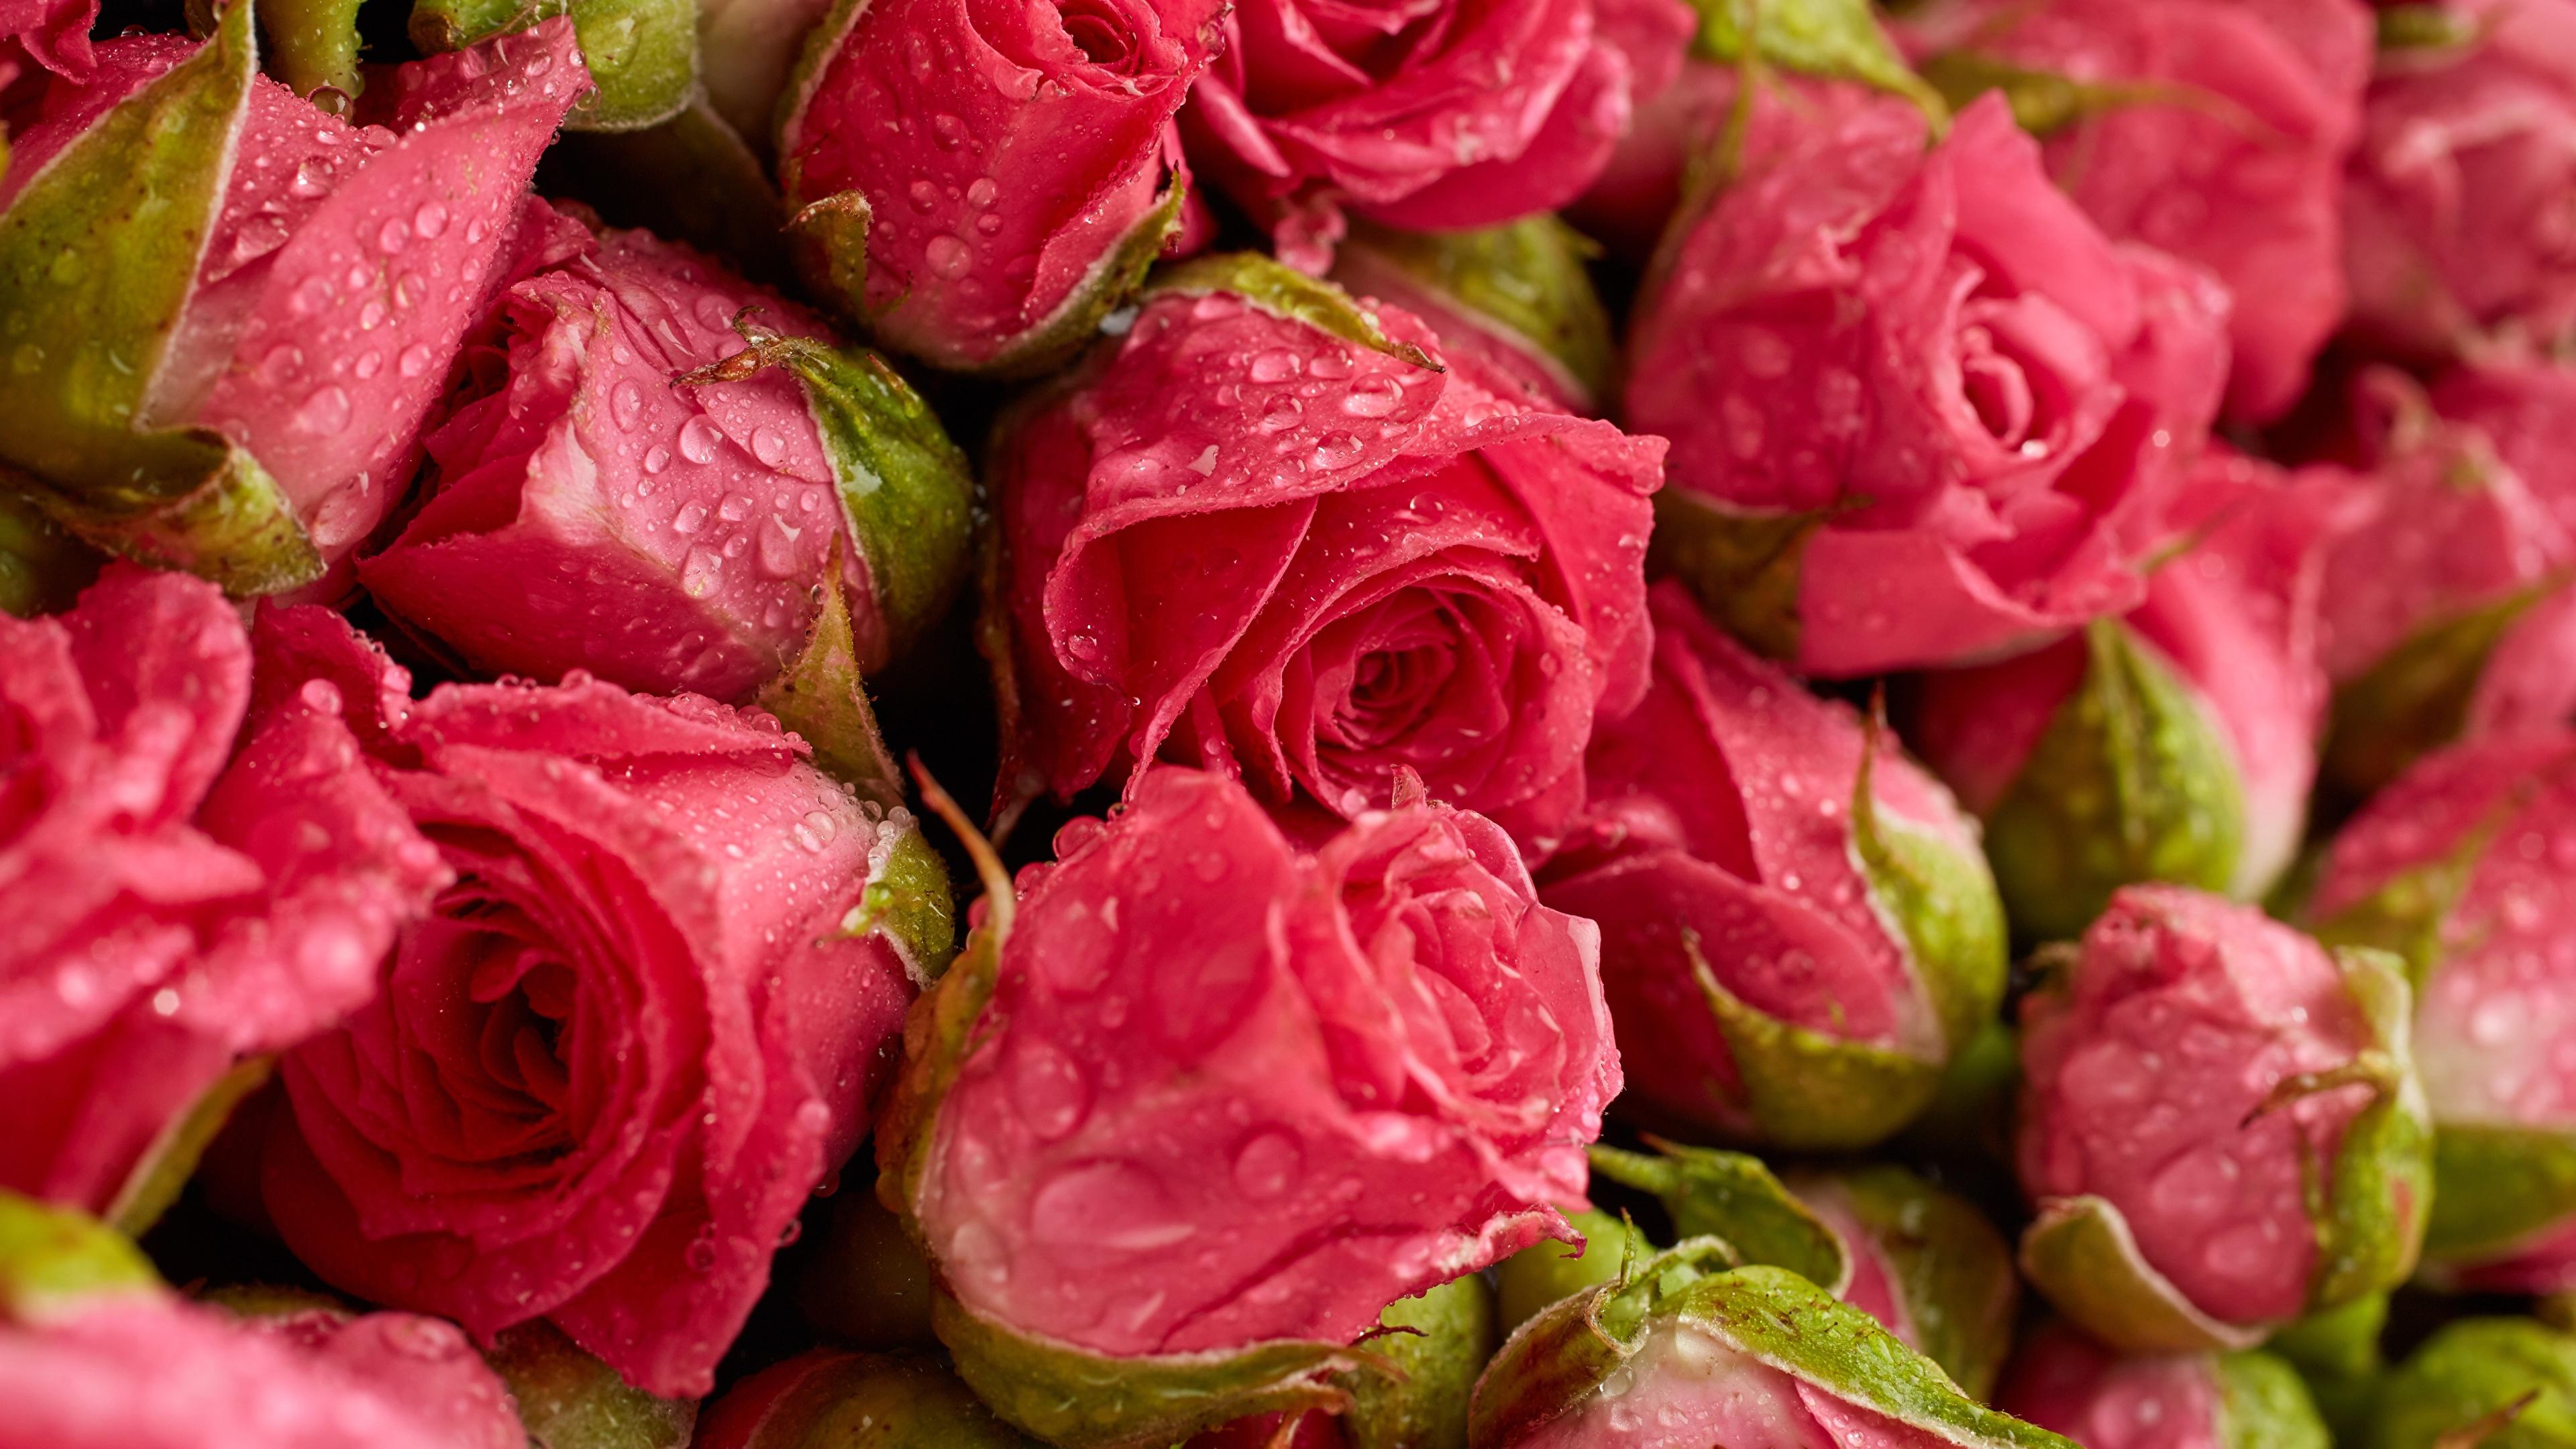 Картинка Розы розовых Цветы капля Крупным планом 3840x2160 роза Розовый розовая розовые Капли капель цветок капельки вблизи